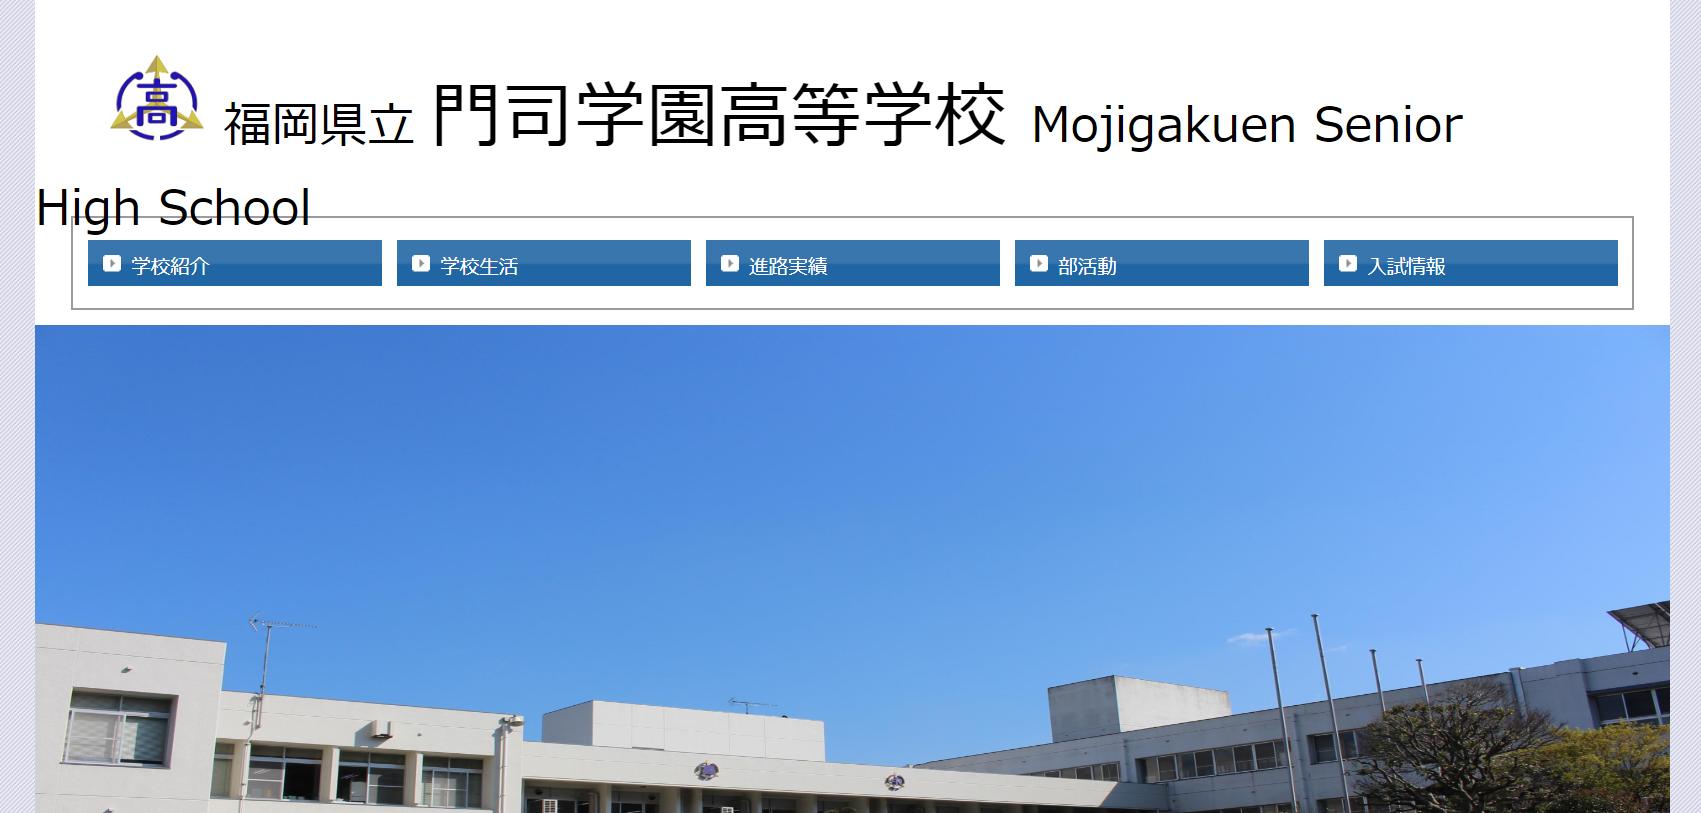 門司学園高校の口コミ・評判